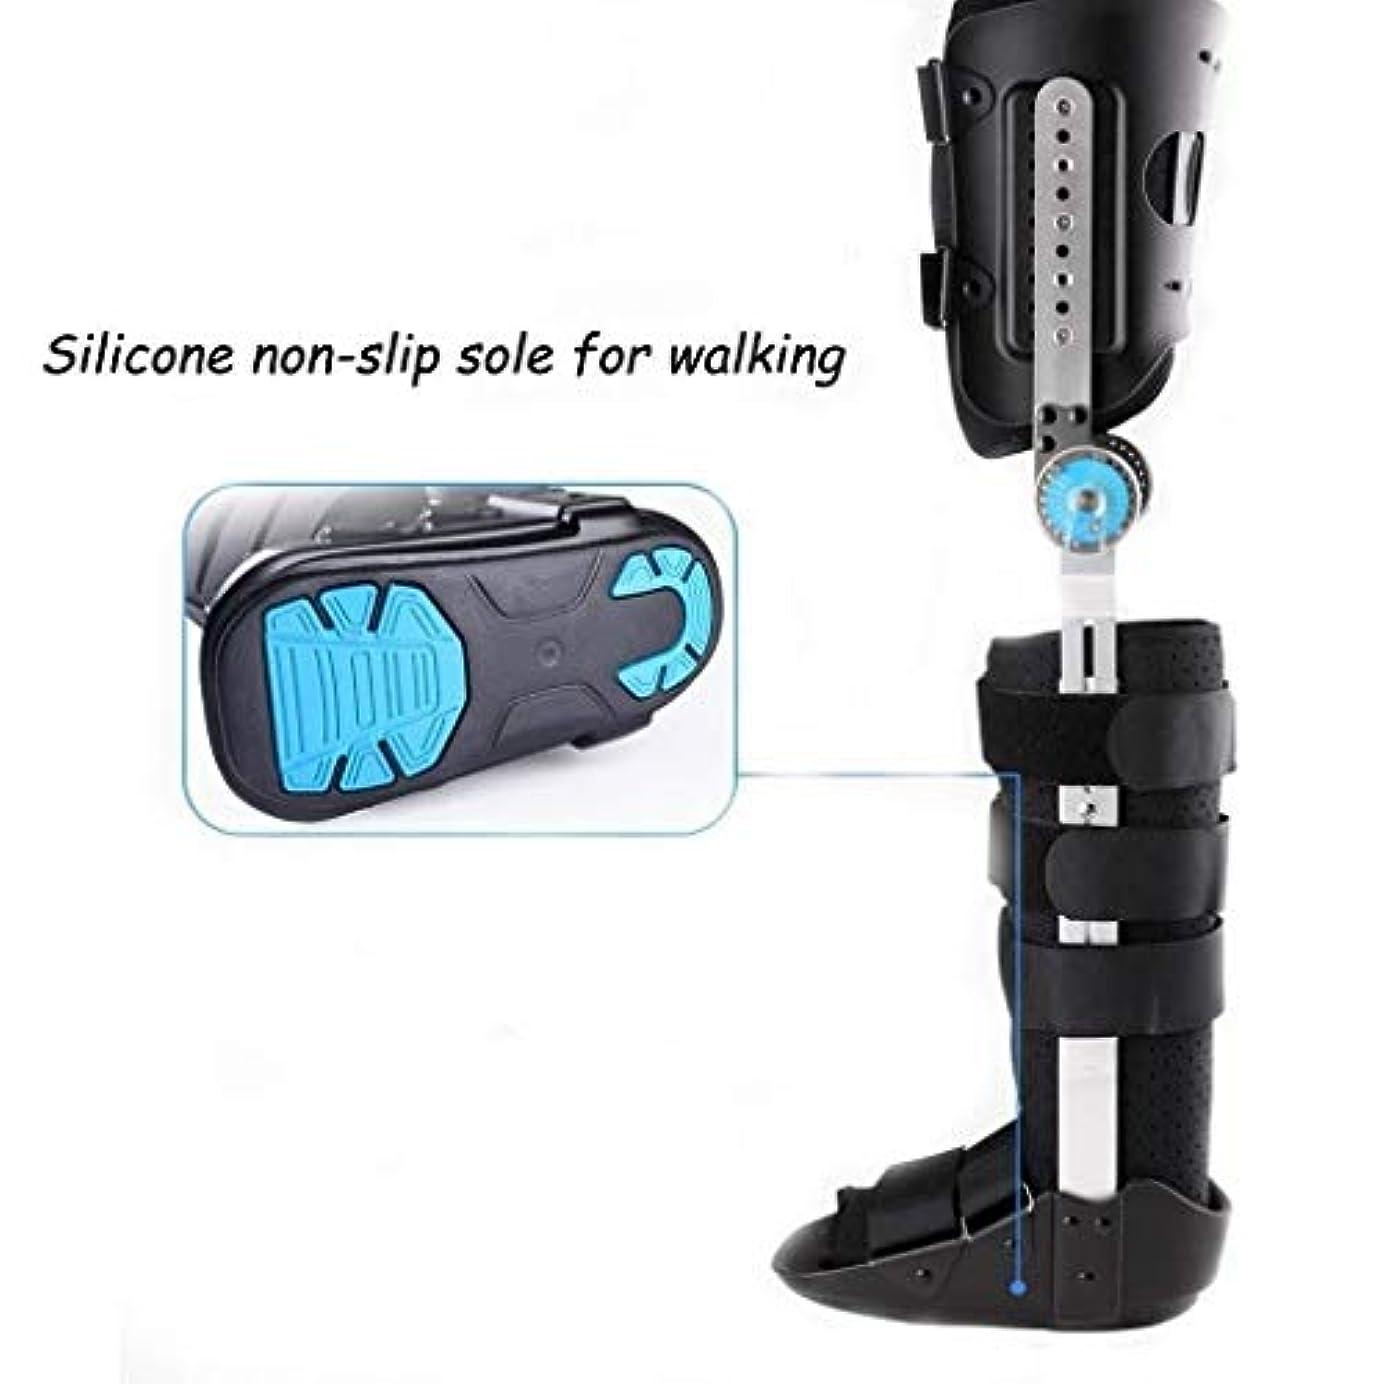 おめでとう怠惰ベイビー調節可能な膝装具サポート-ポストヒンジ付き-ユニバーサルレッグサイズ (Color : As Picture, Size : Right-M)